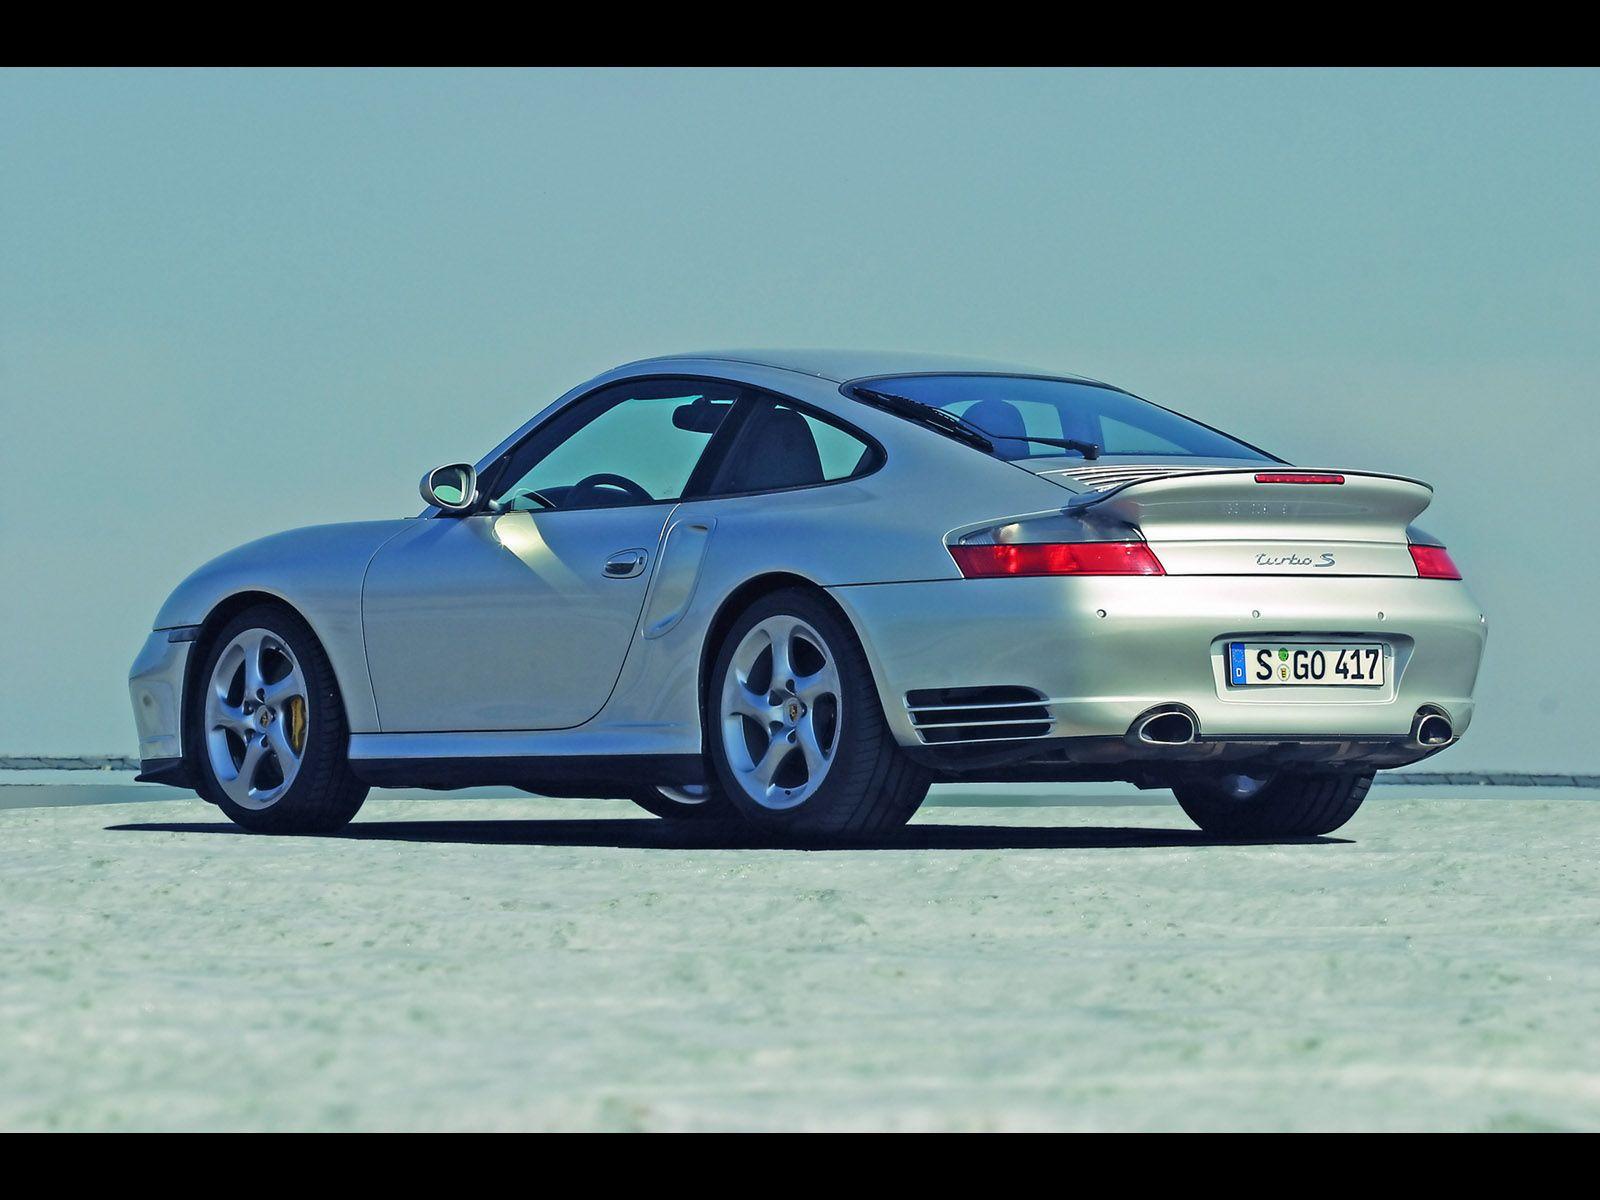 2005 porsche 911 turbo s rear angle 1600x1200 wallpaper